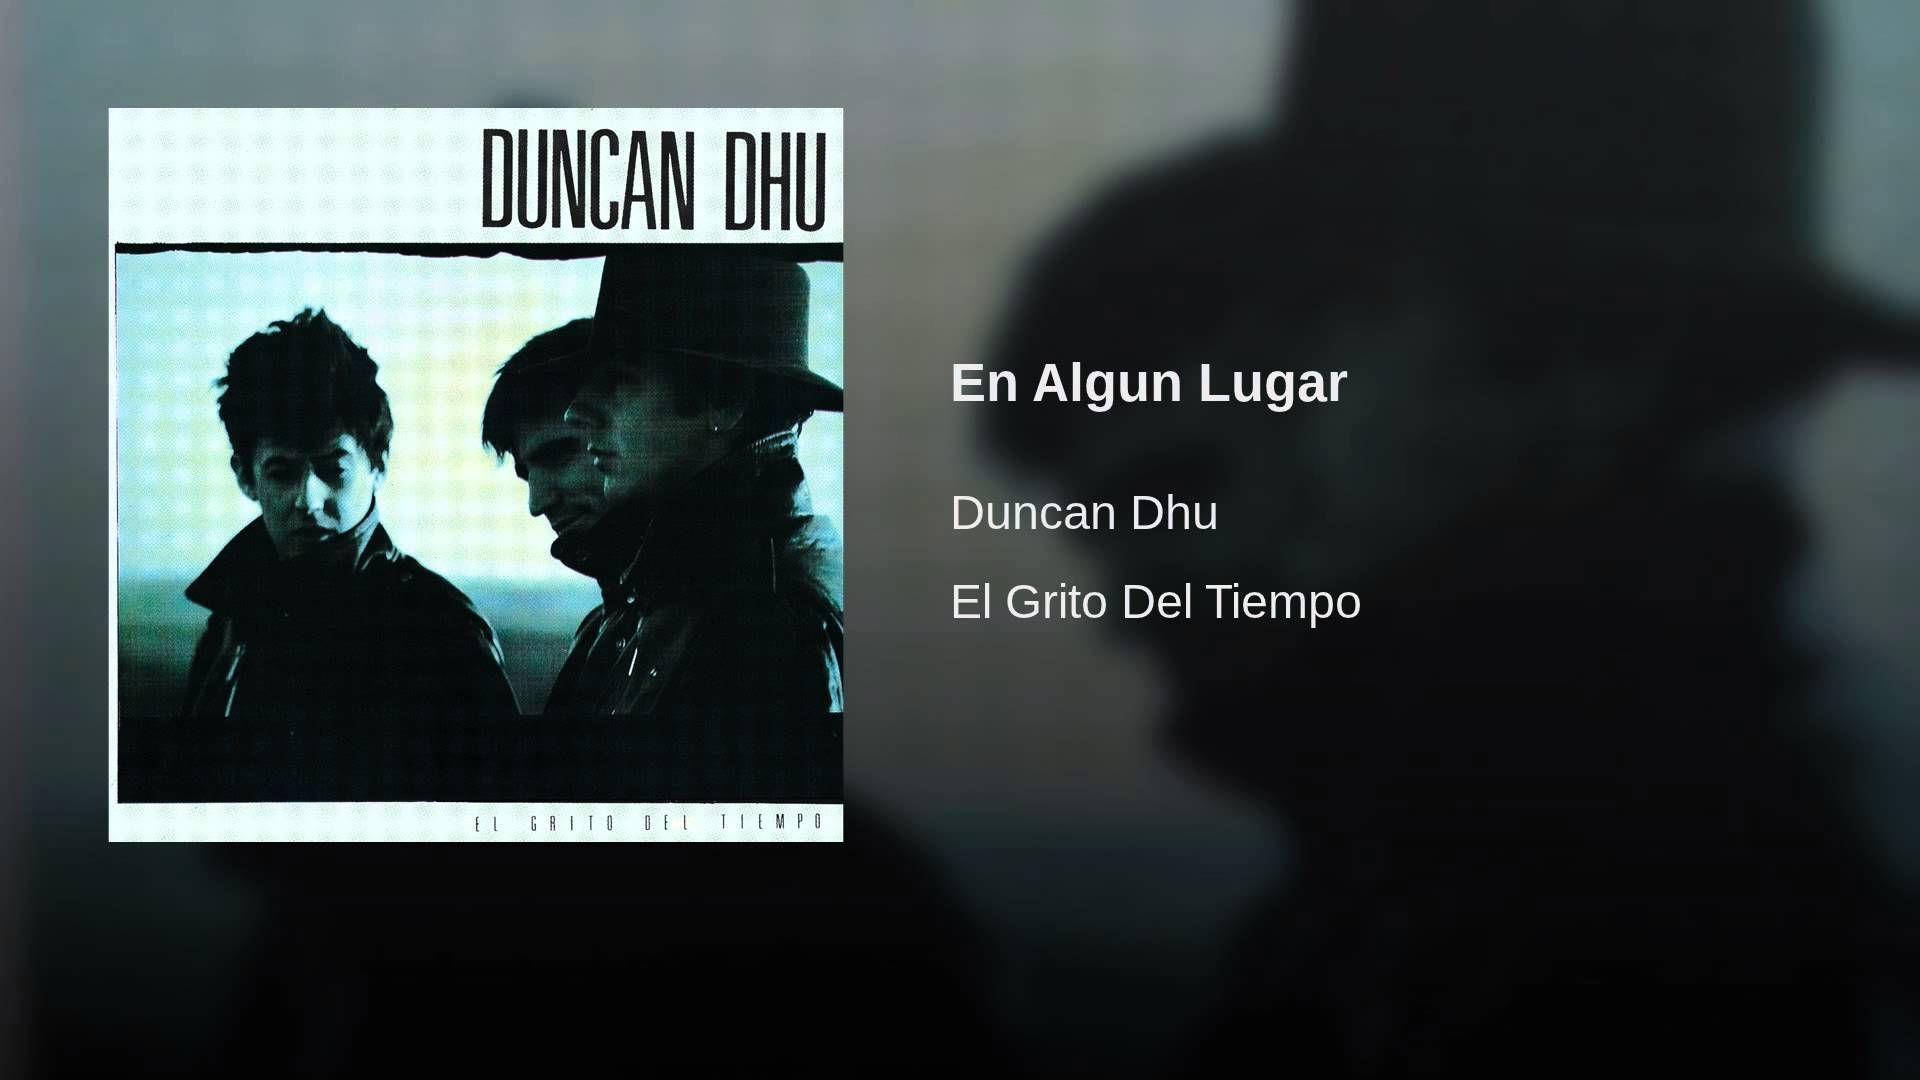 En Algun Lugar Calles De Paris Oraciones Duncan Dhu